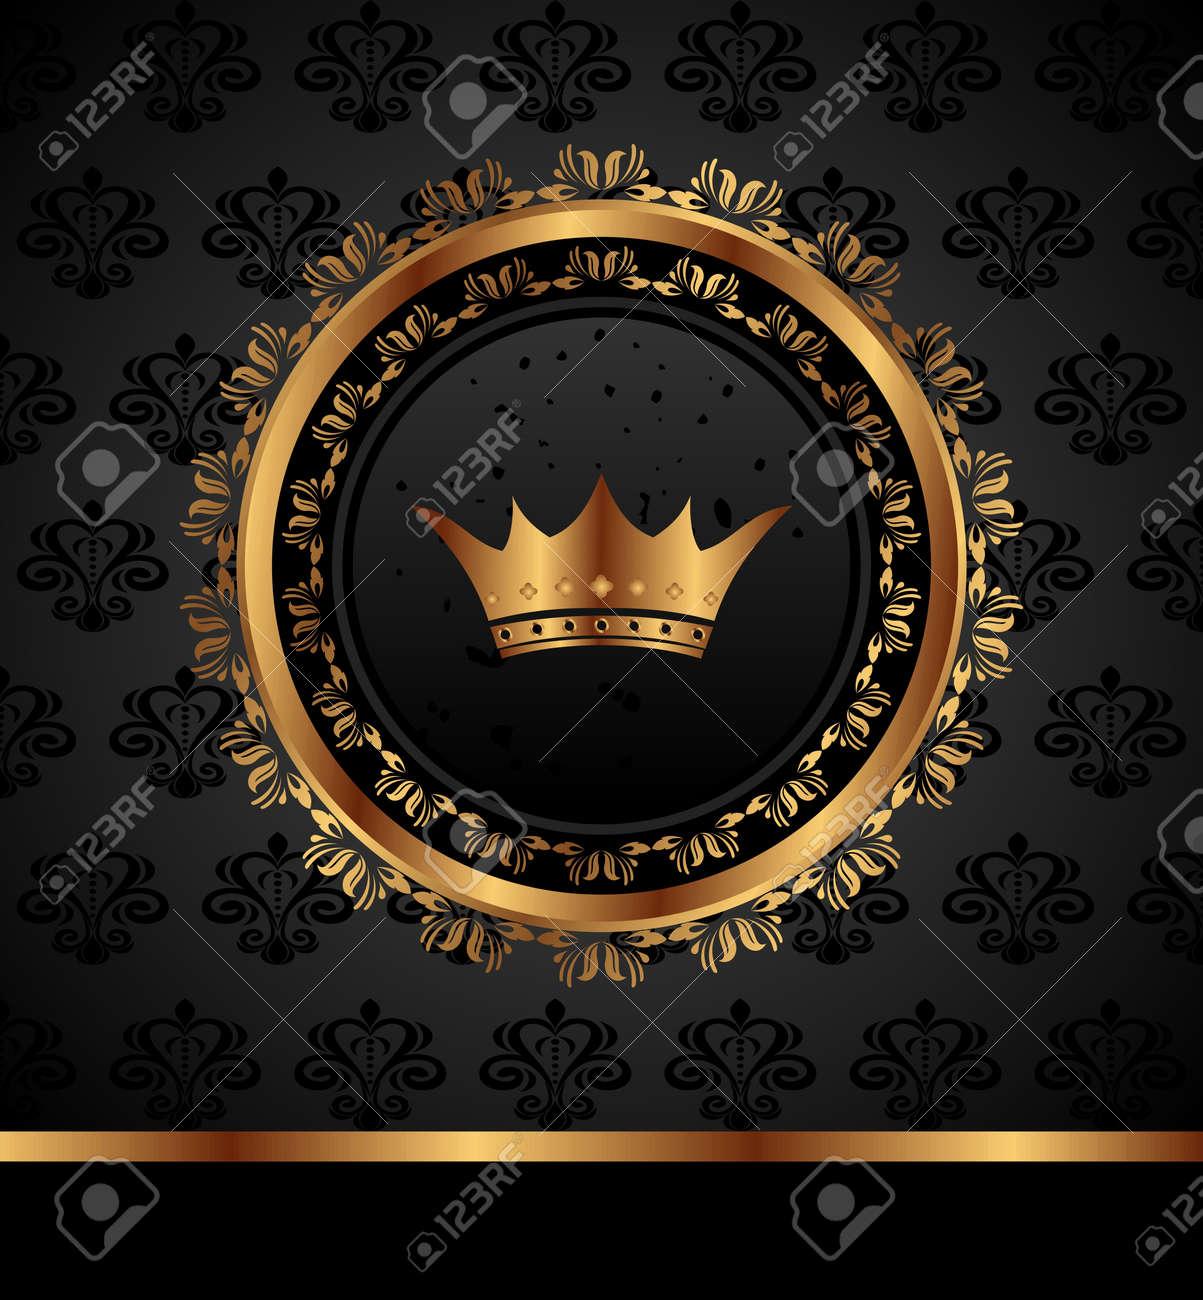 Illustration royal background with golden frame Stock Illustration - 10508823